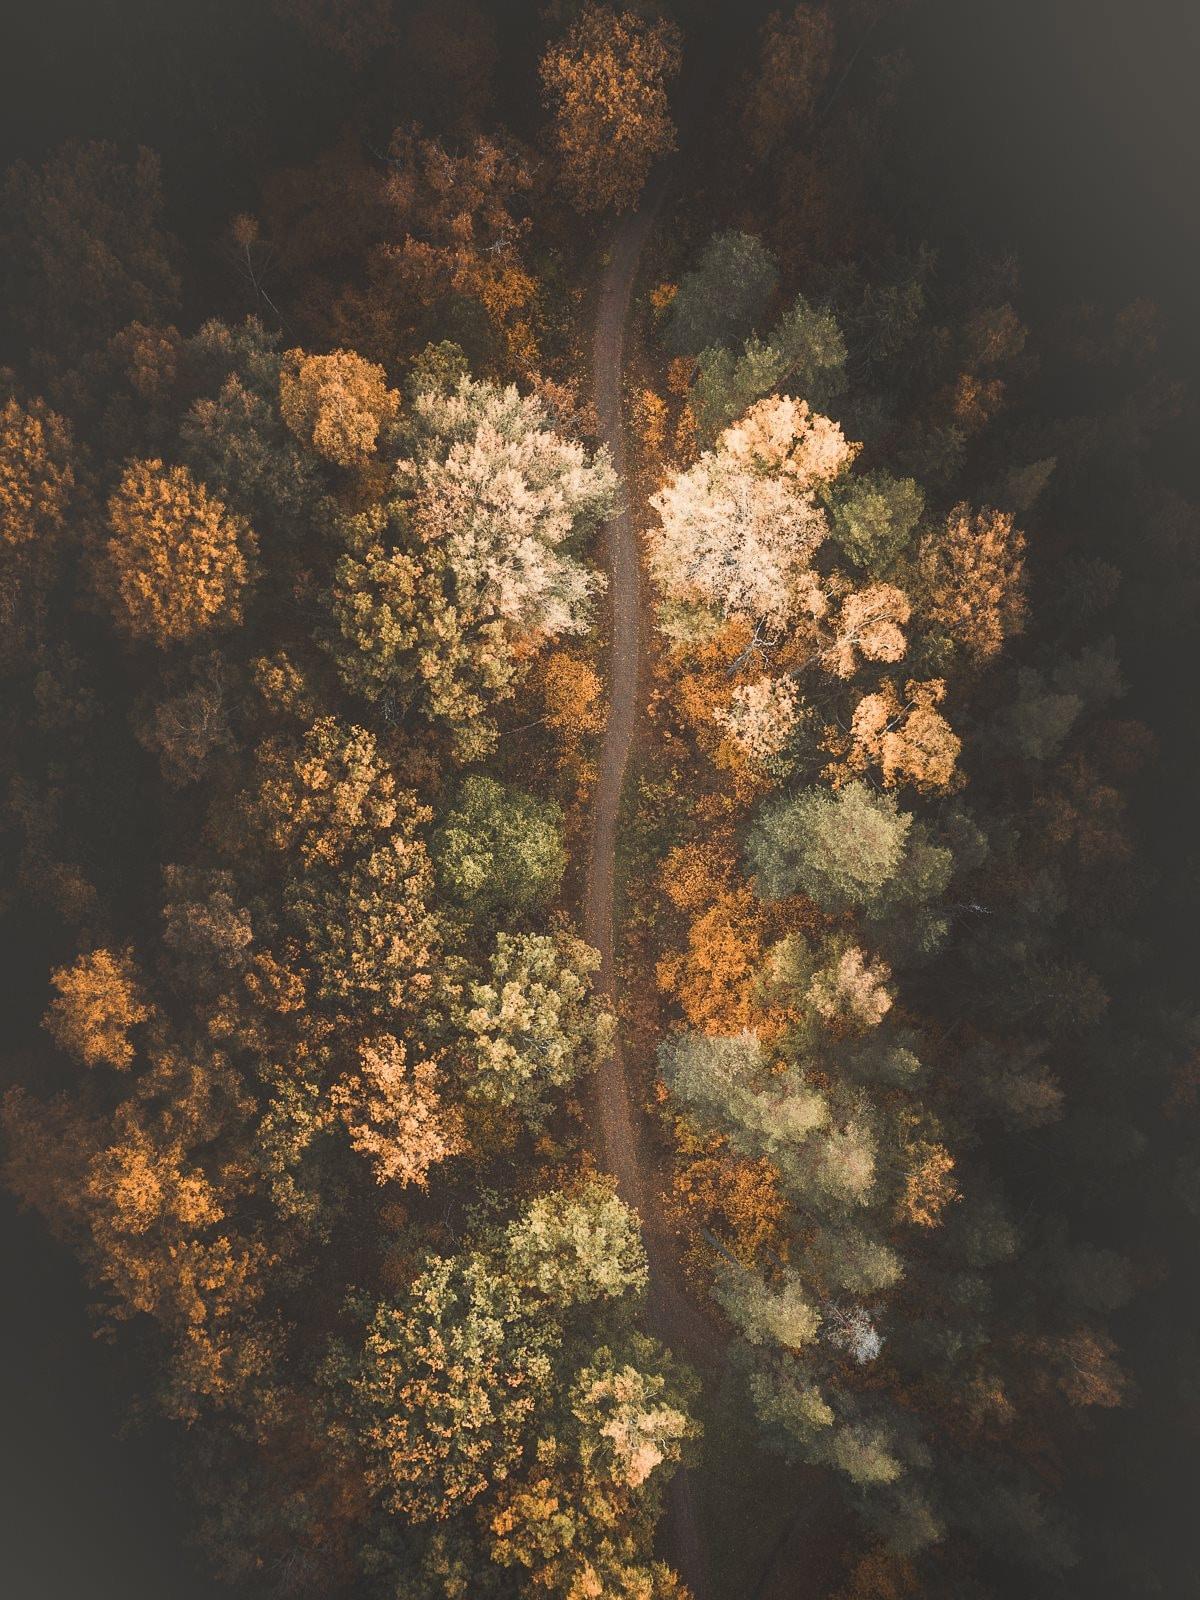 鸟瞰地球雄伟之美